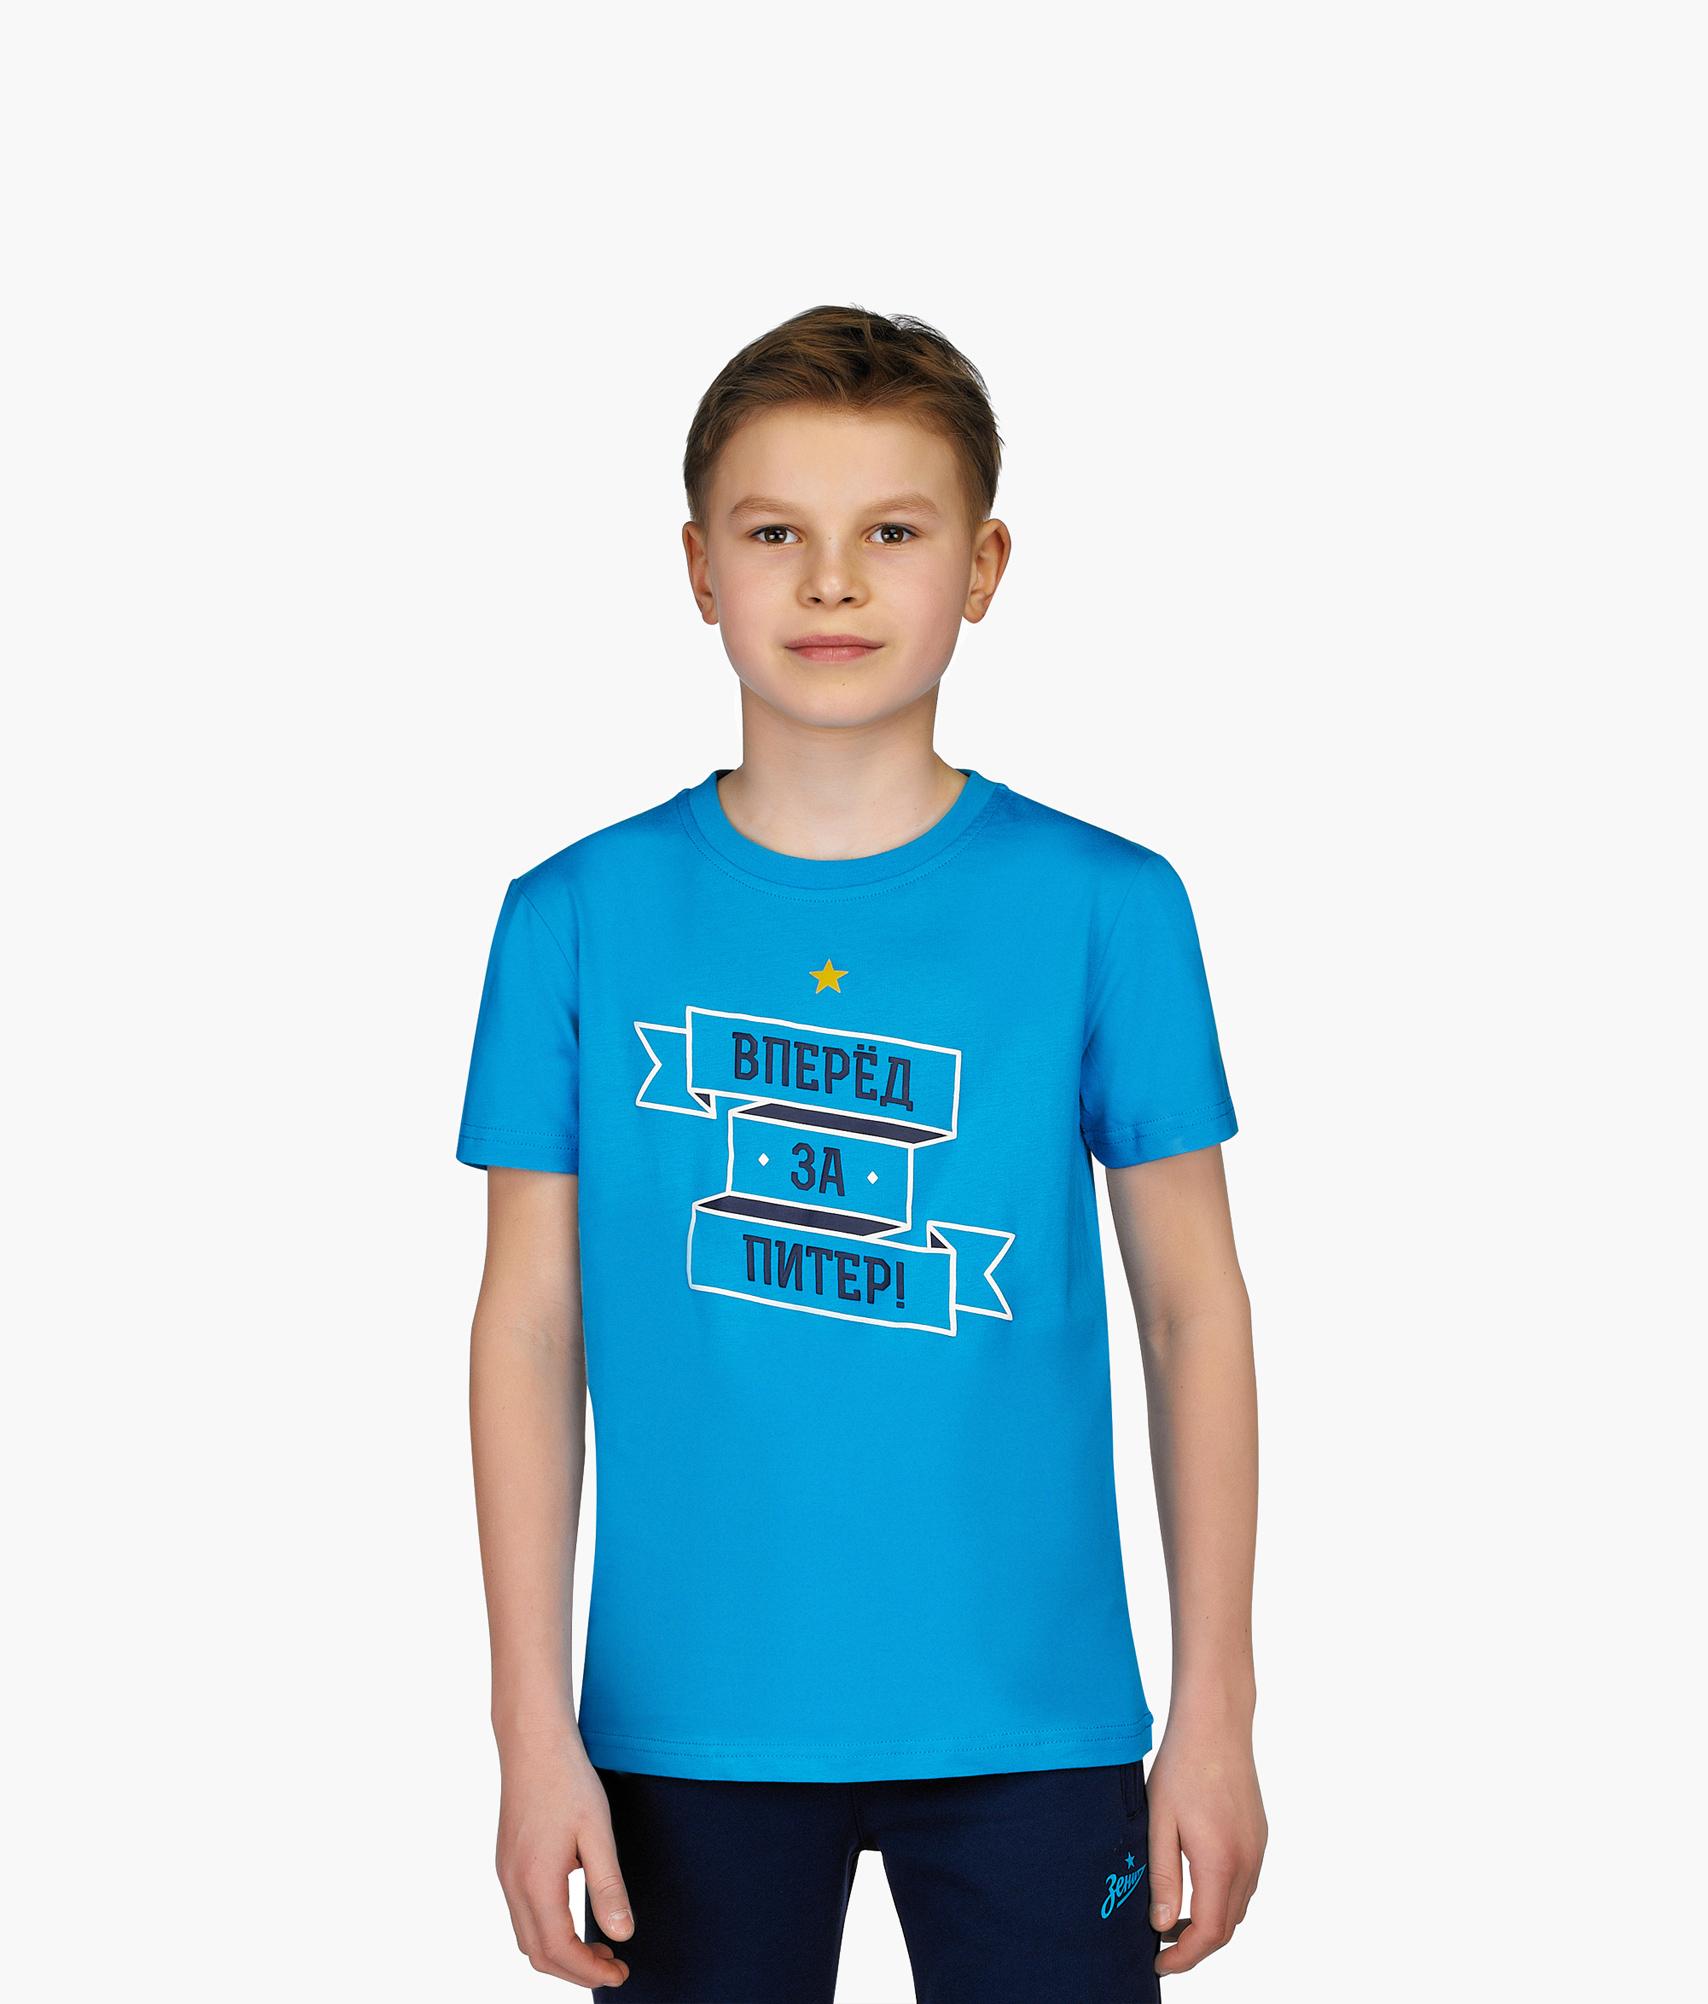 Футболка подростковая «Вперед за Питер!» Зенит Цвет-Лазурный самогонщики